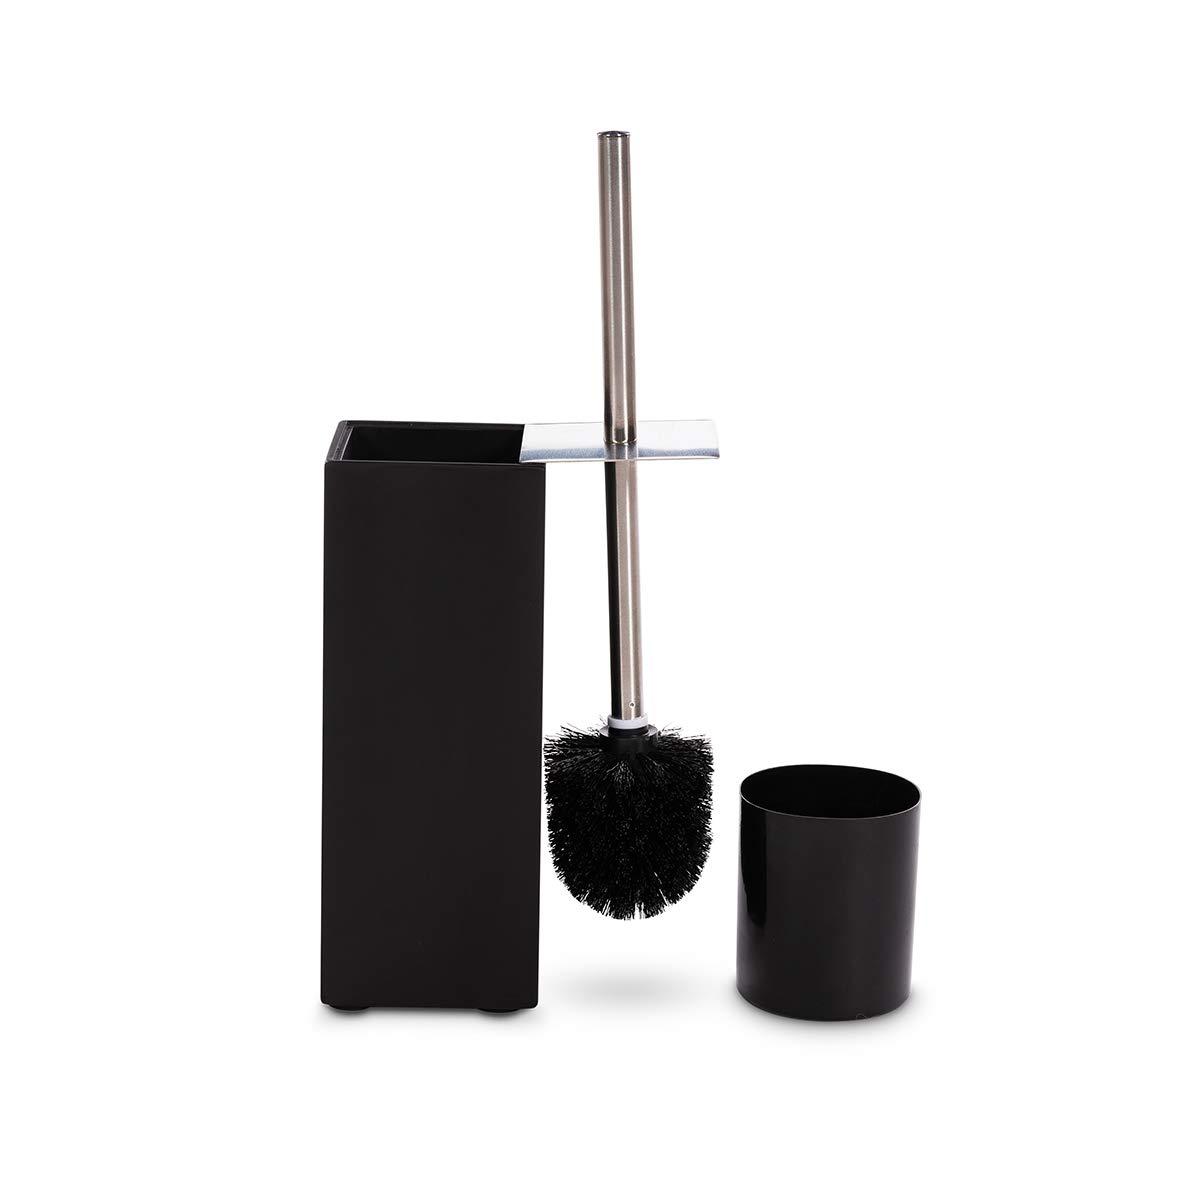 GOBAM Toilet Bowl Brush and Holder Black Toilet Brush Cleaner with 304